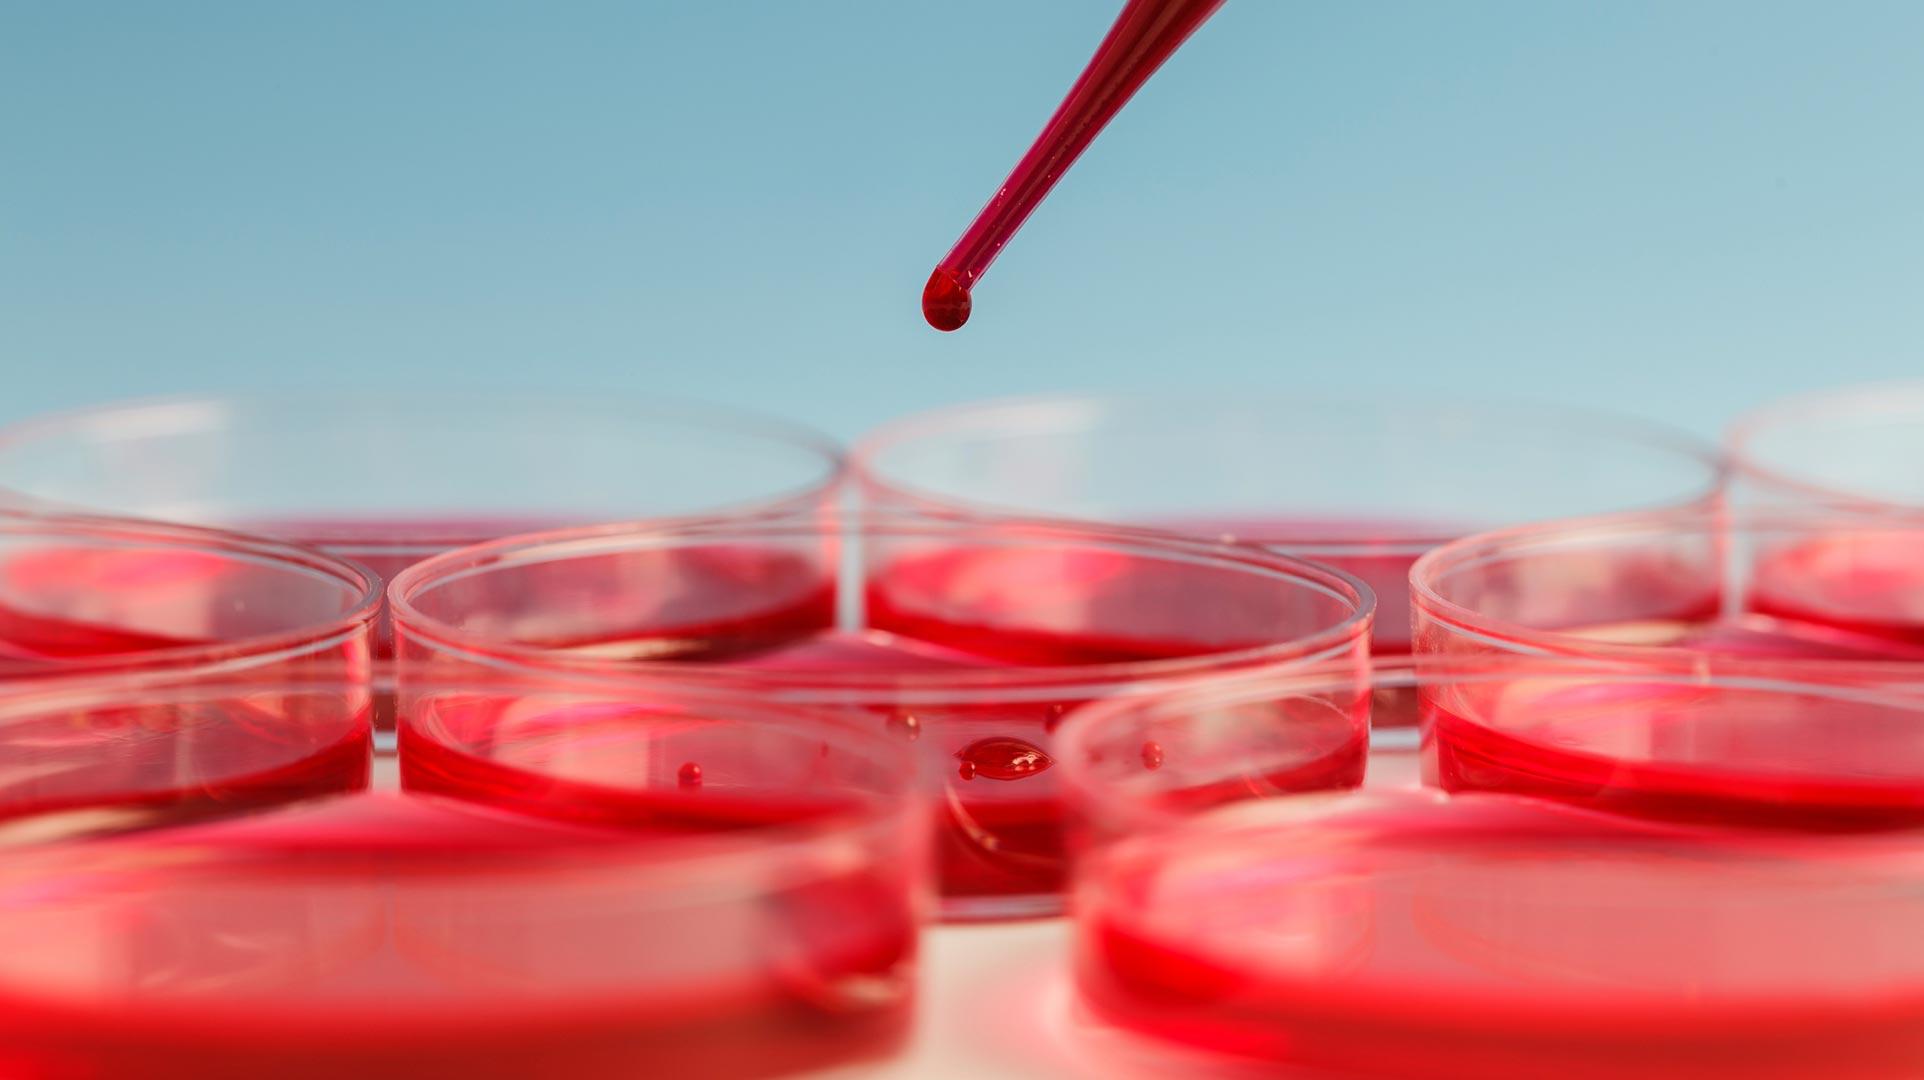 Cómo evitar la intoxicación por plomo en la sangre